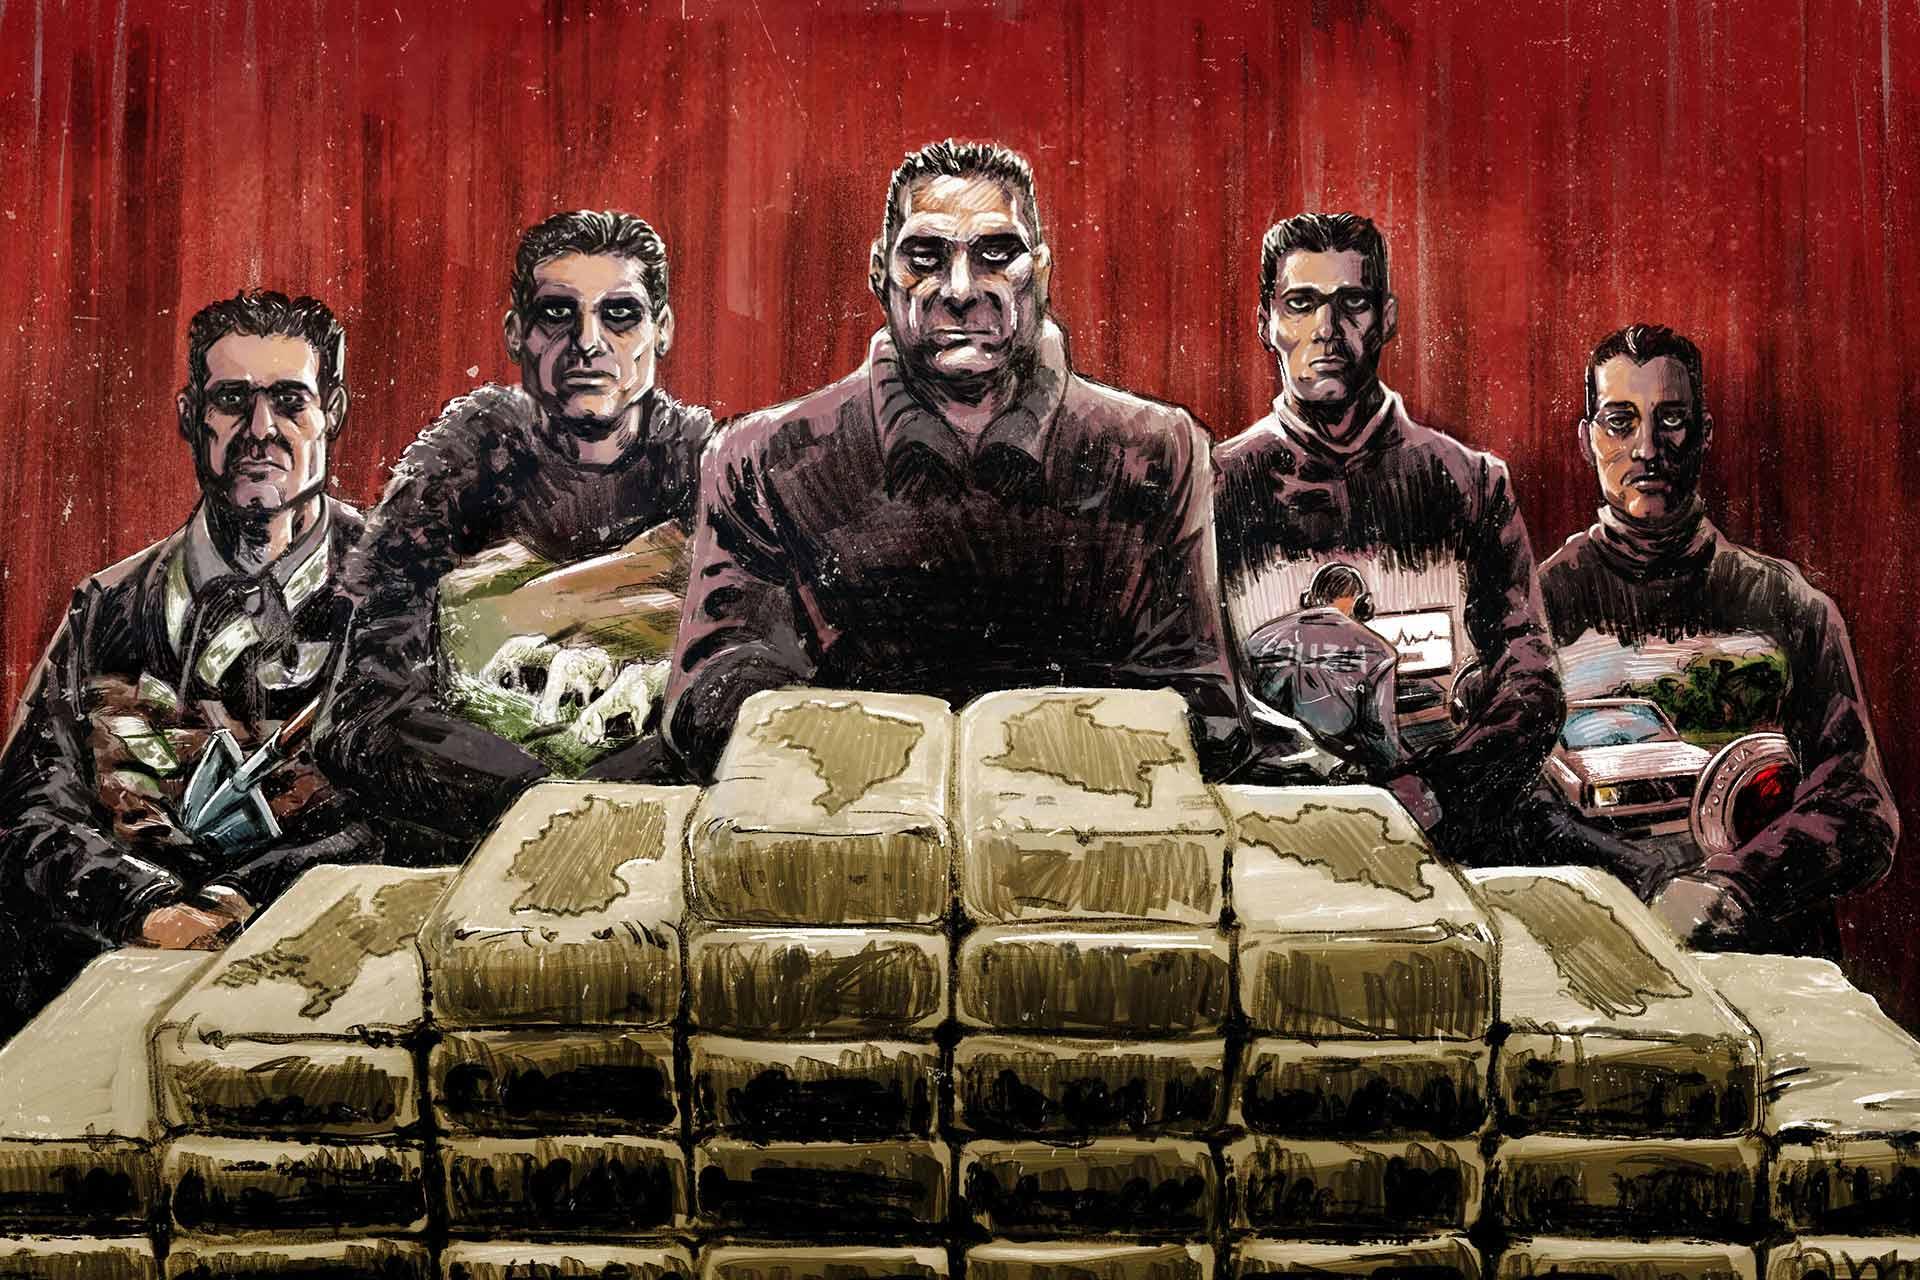 Поцелуй ндрангеты: как устроен наркобизнес итальянского преступного клана